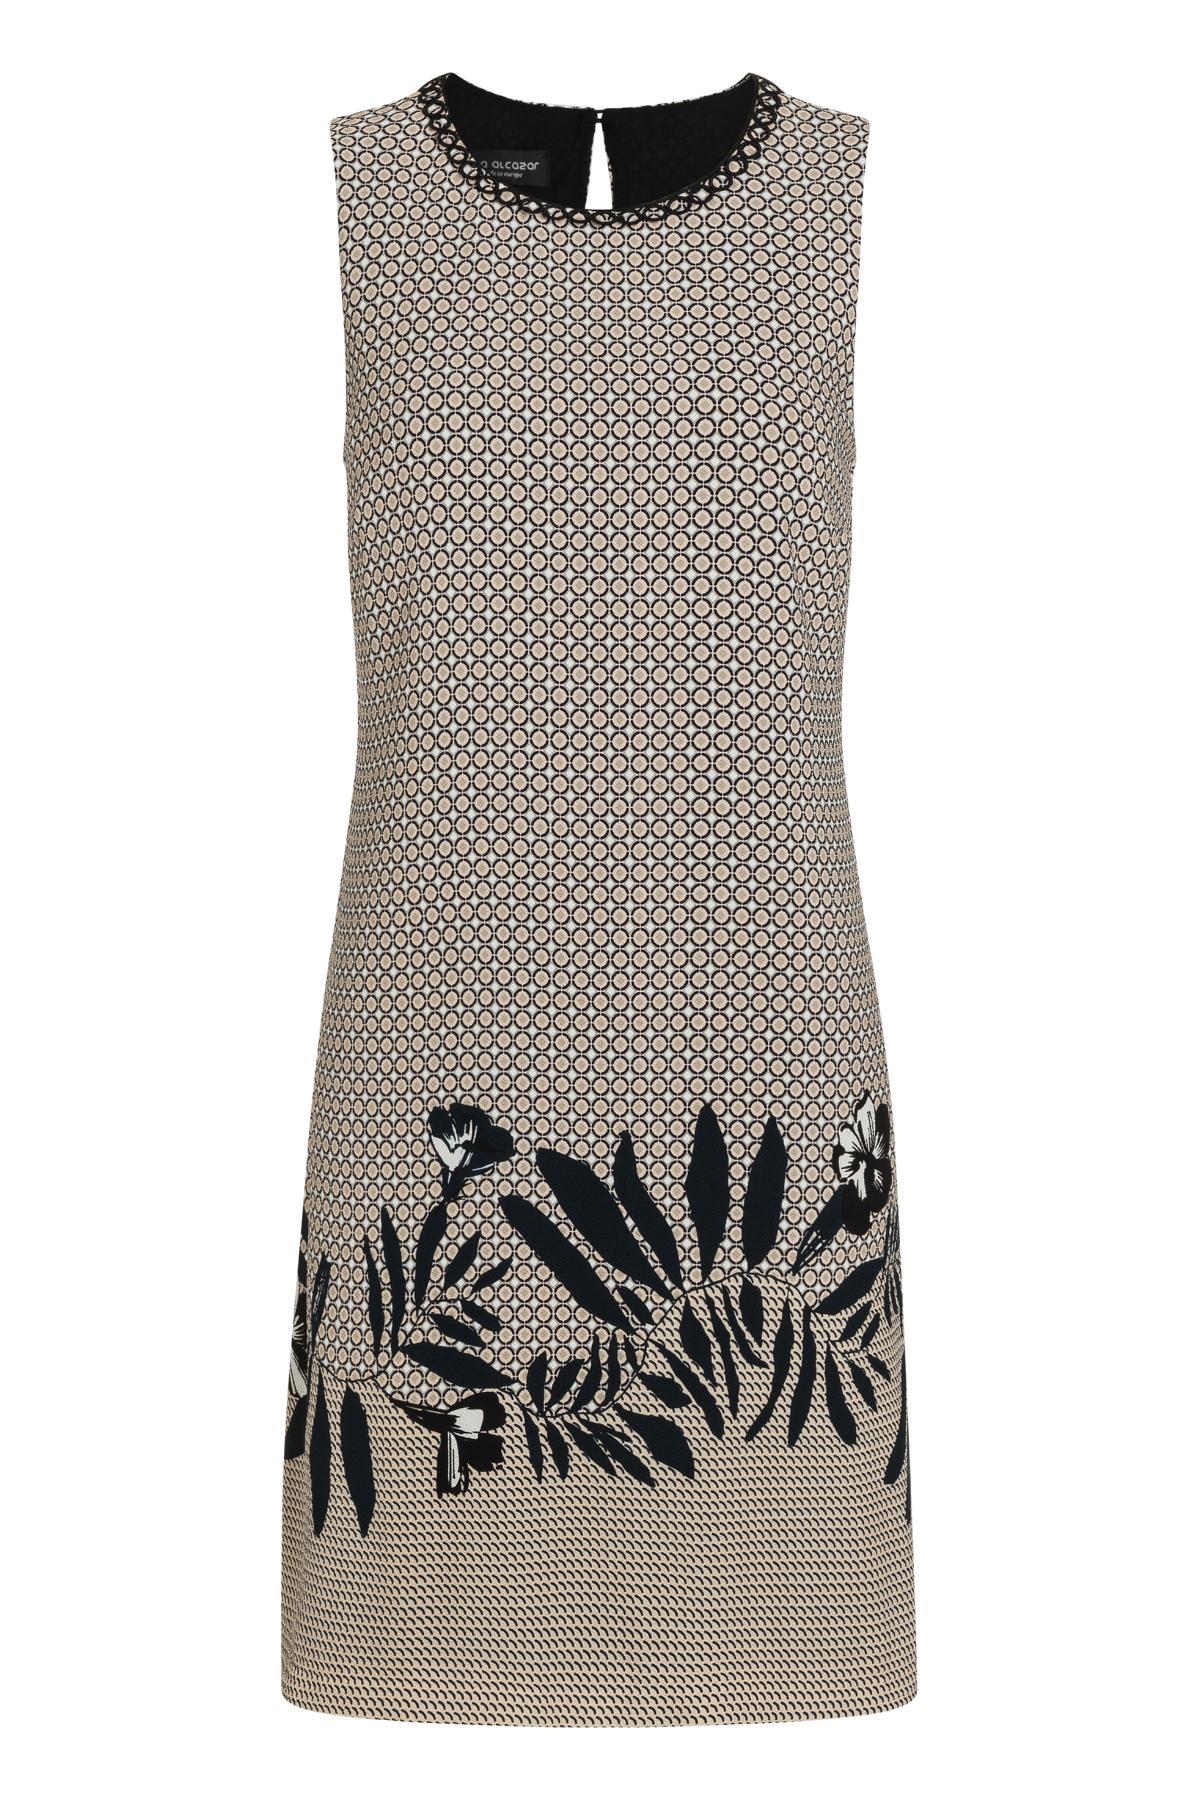 Ana Alcazar Sleeveless Dress Sedoni